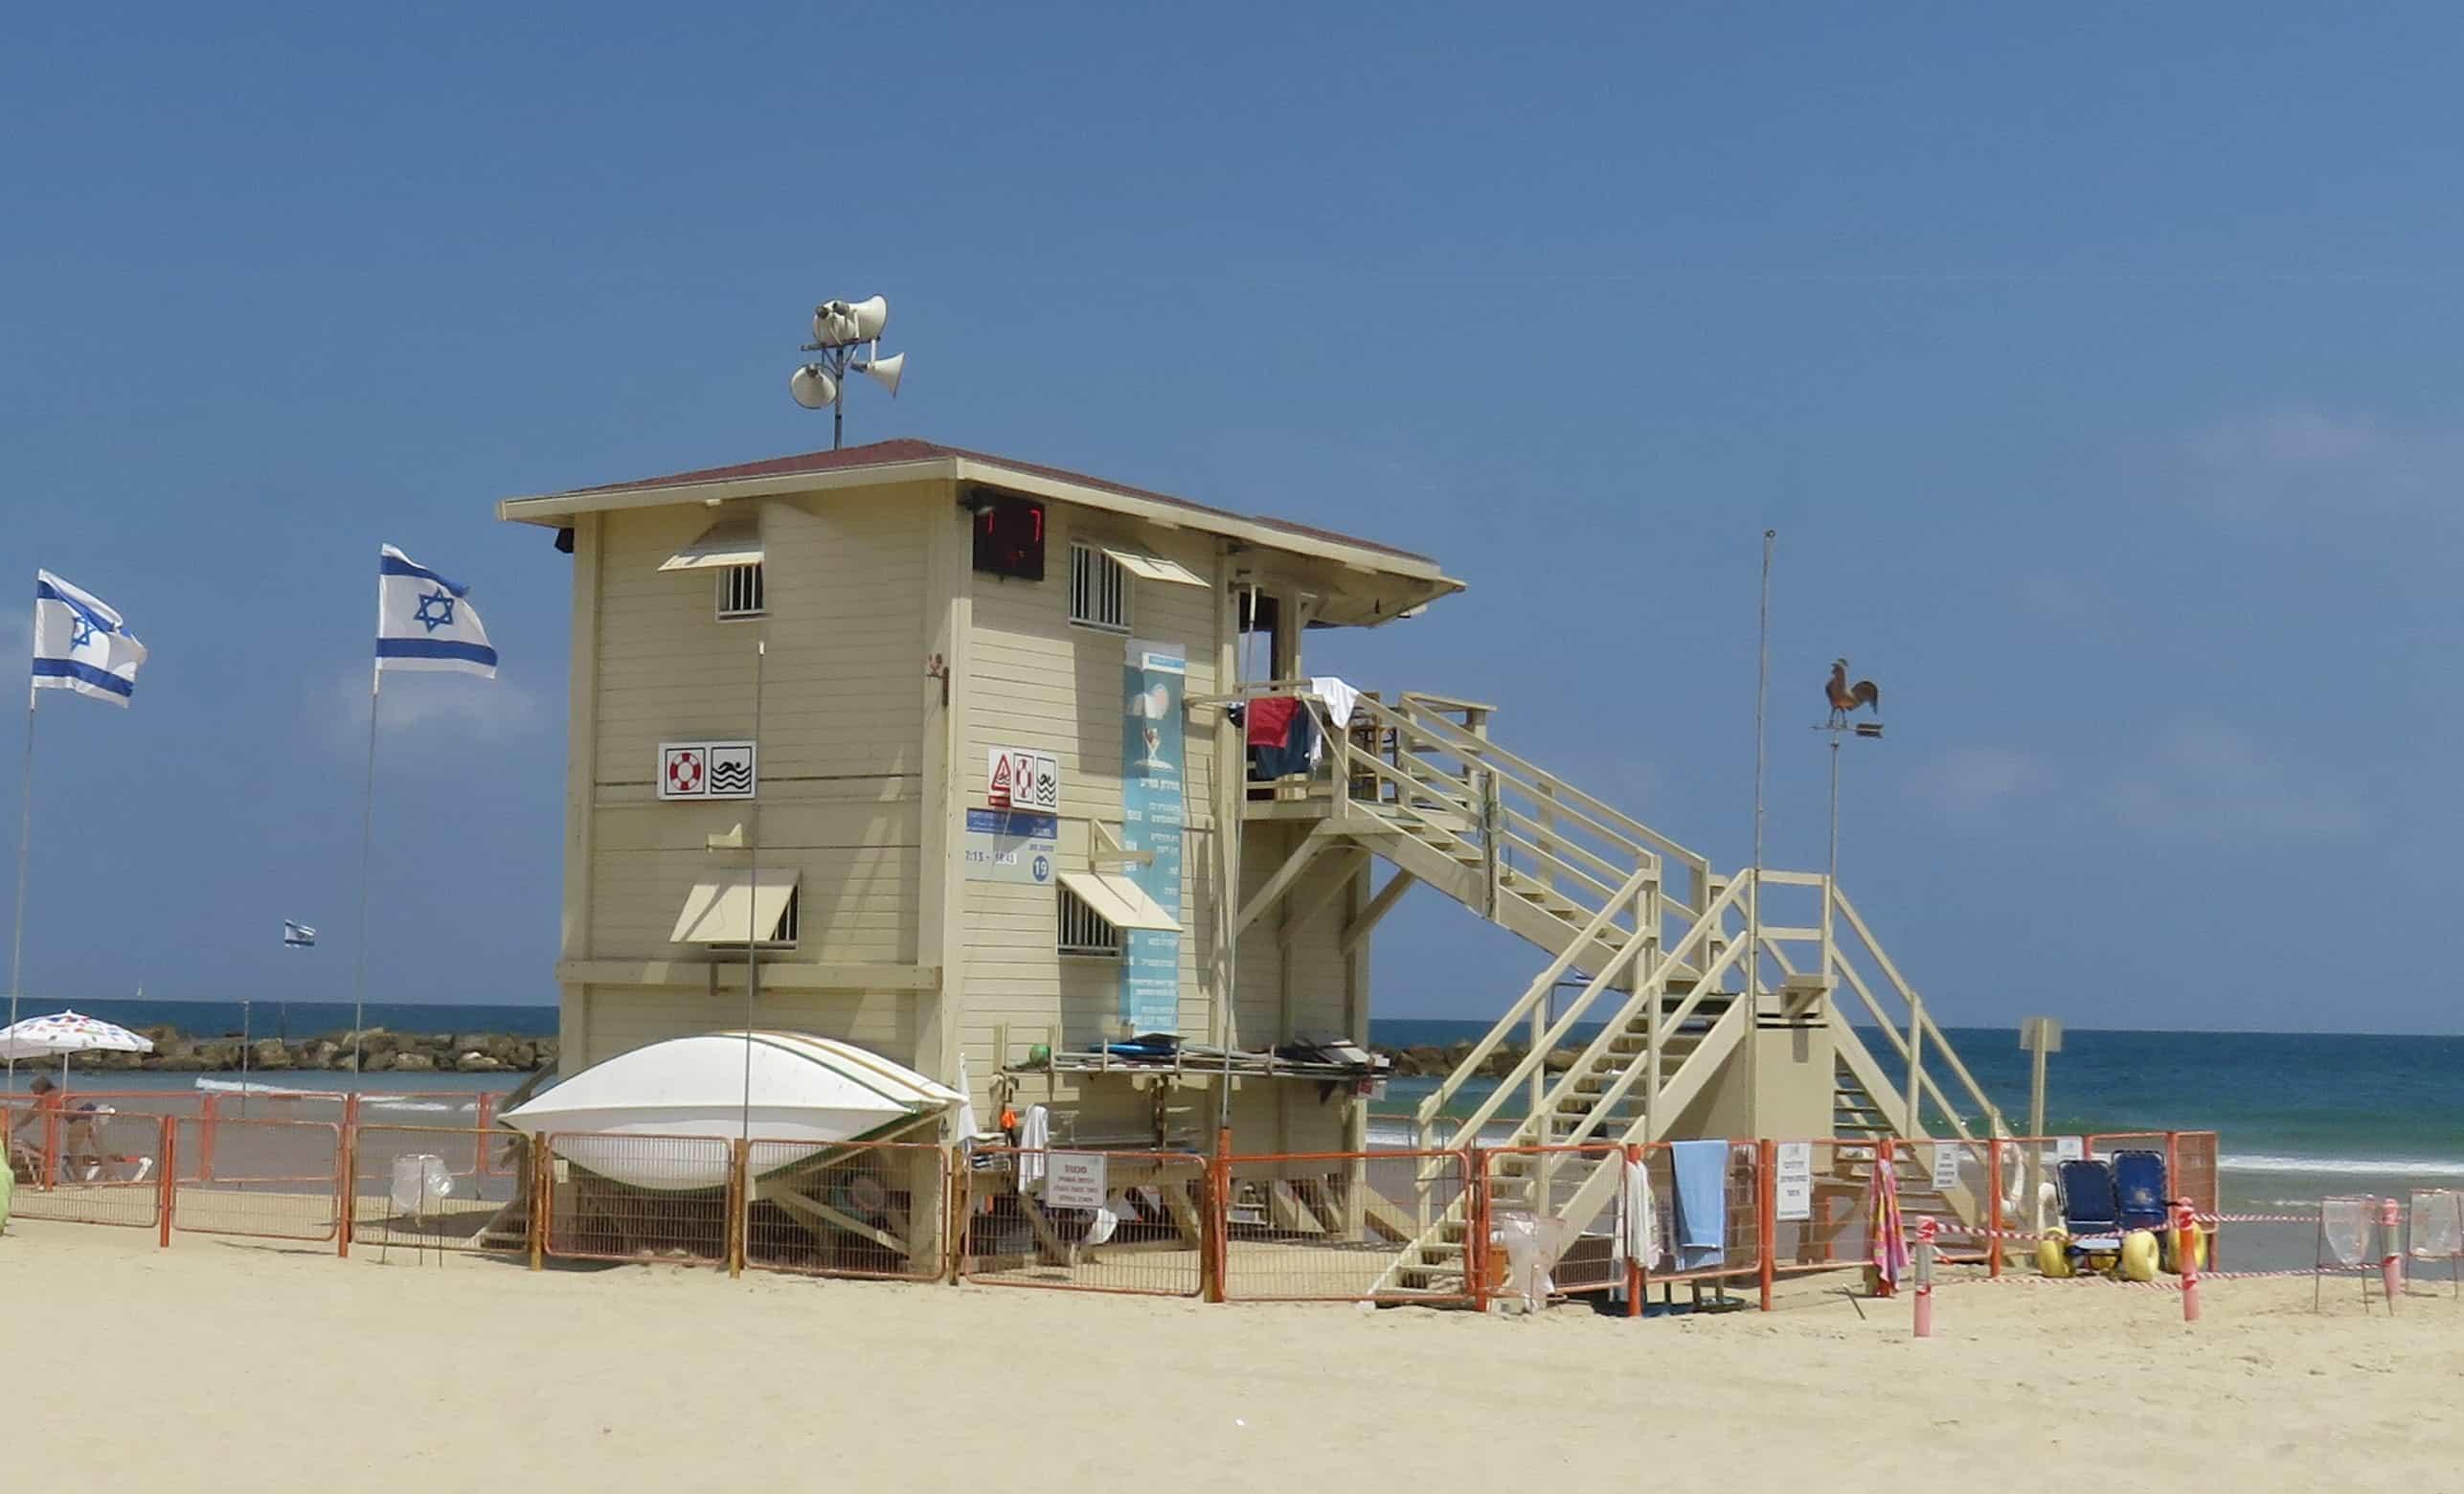 סוכת מציל חוף מציצים לפני העיצוב. צילום יחצ (1)